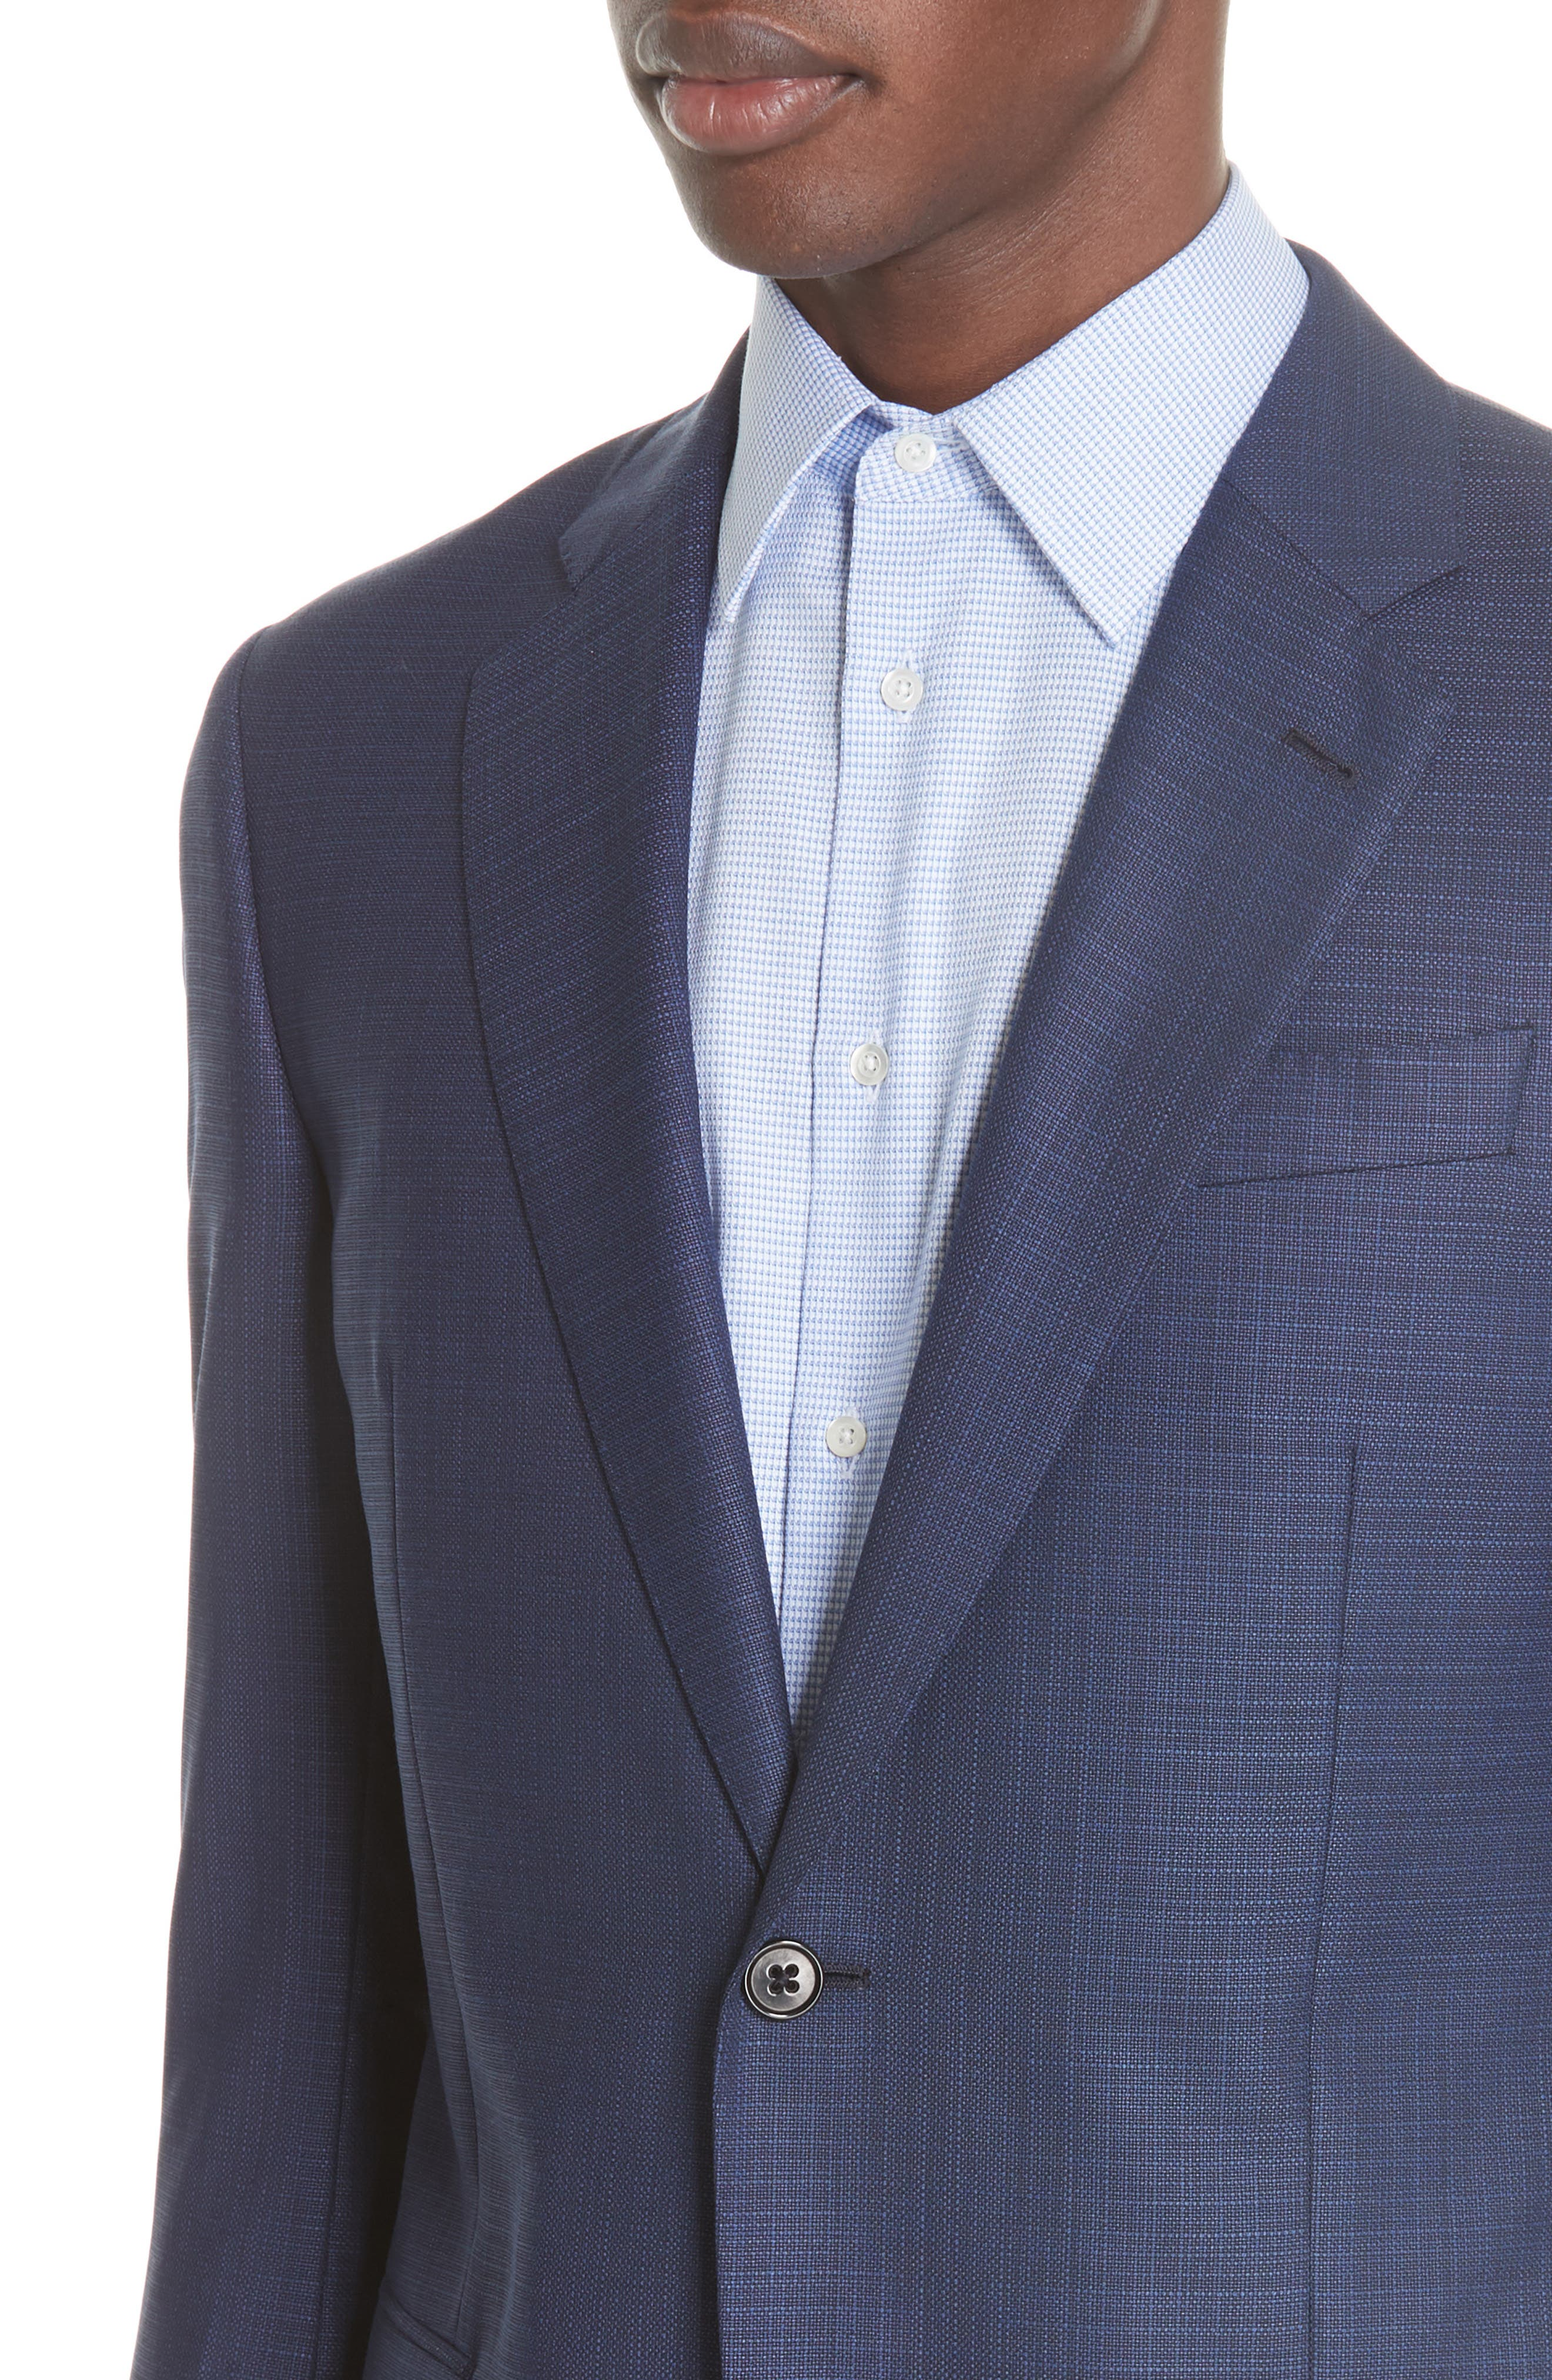 G Line Trim Fit Wool Blazer,                             Alternate thumbnail 4, color,                             Blue